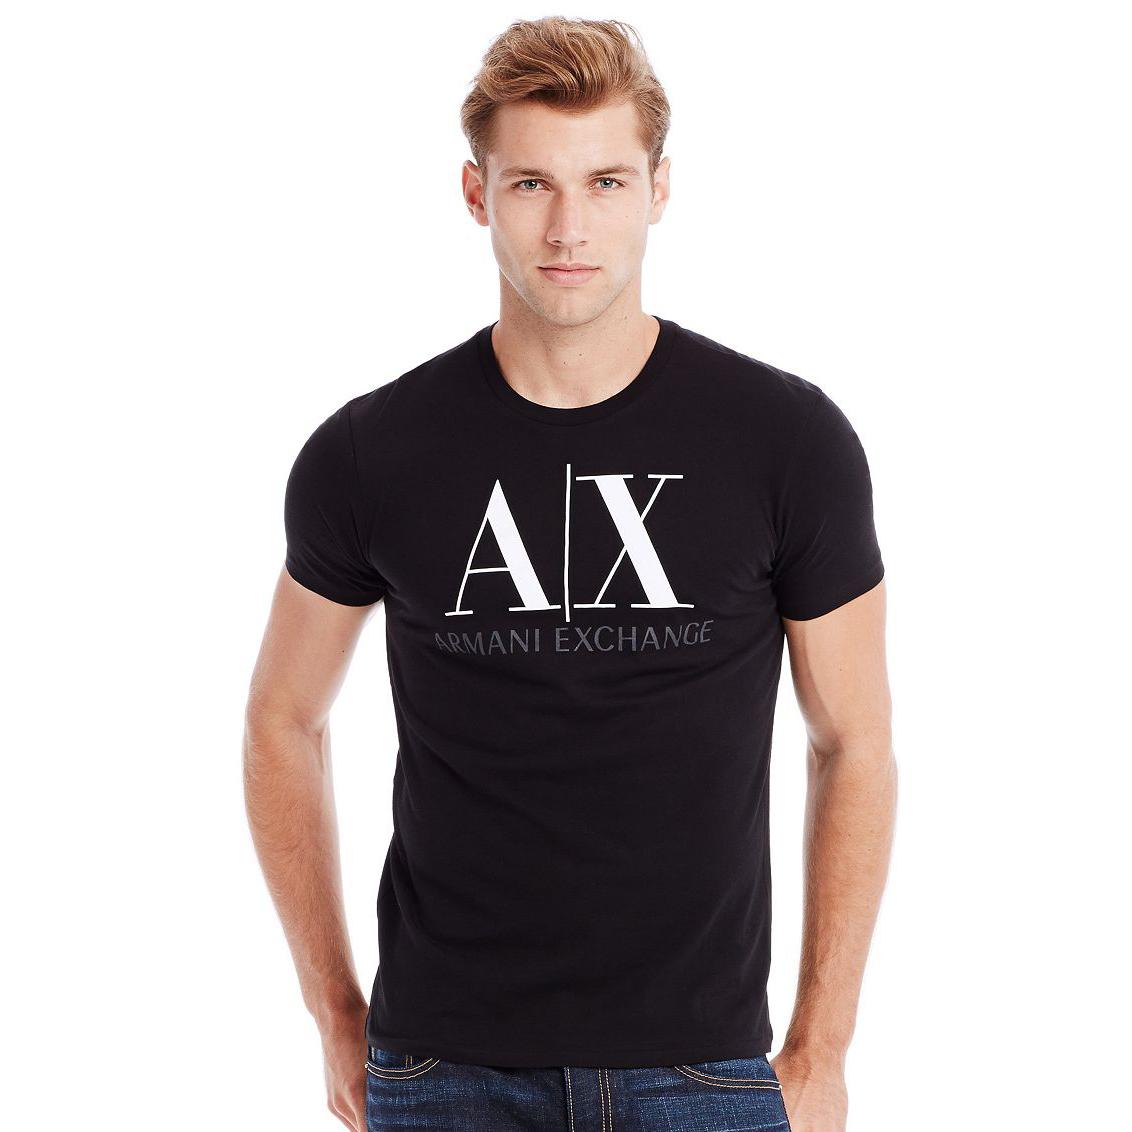 美國百分百【全新真品】Armani Exchange T恤 AX 短袖 上衣 T-shirt 黑色 XS號 E677